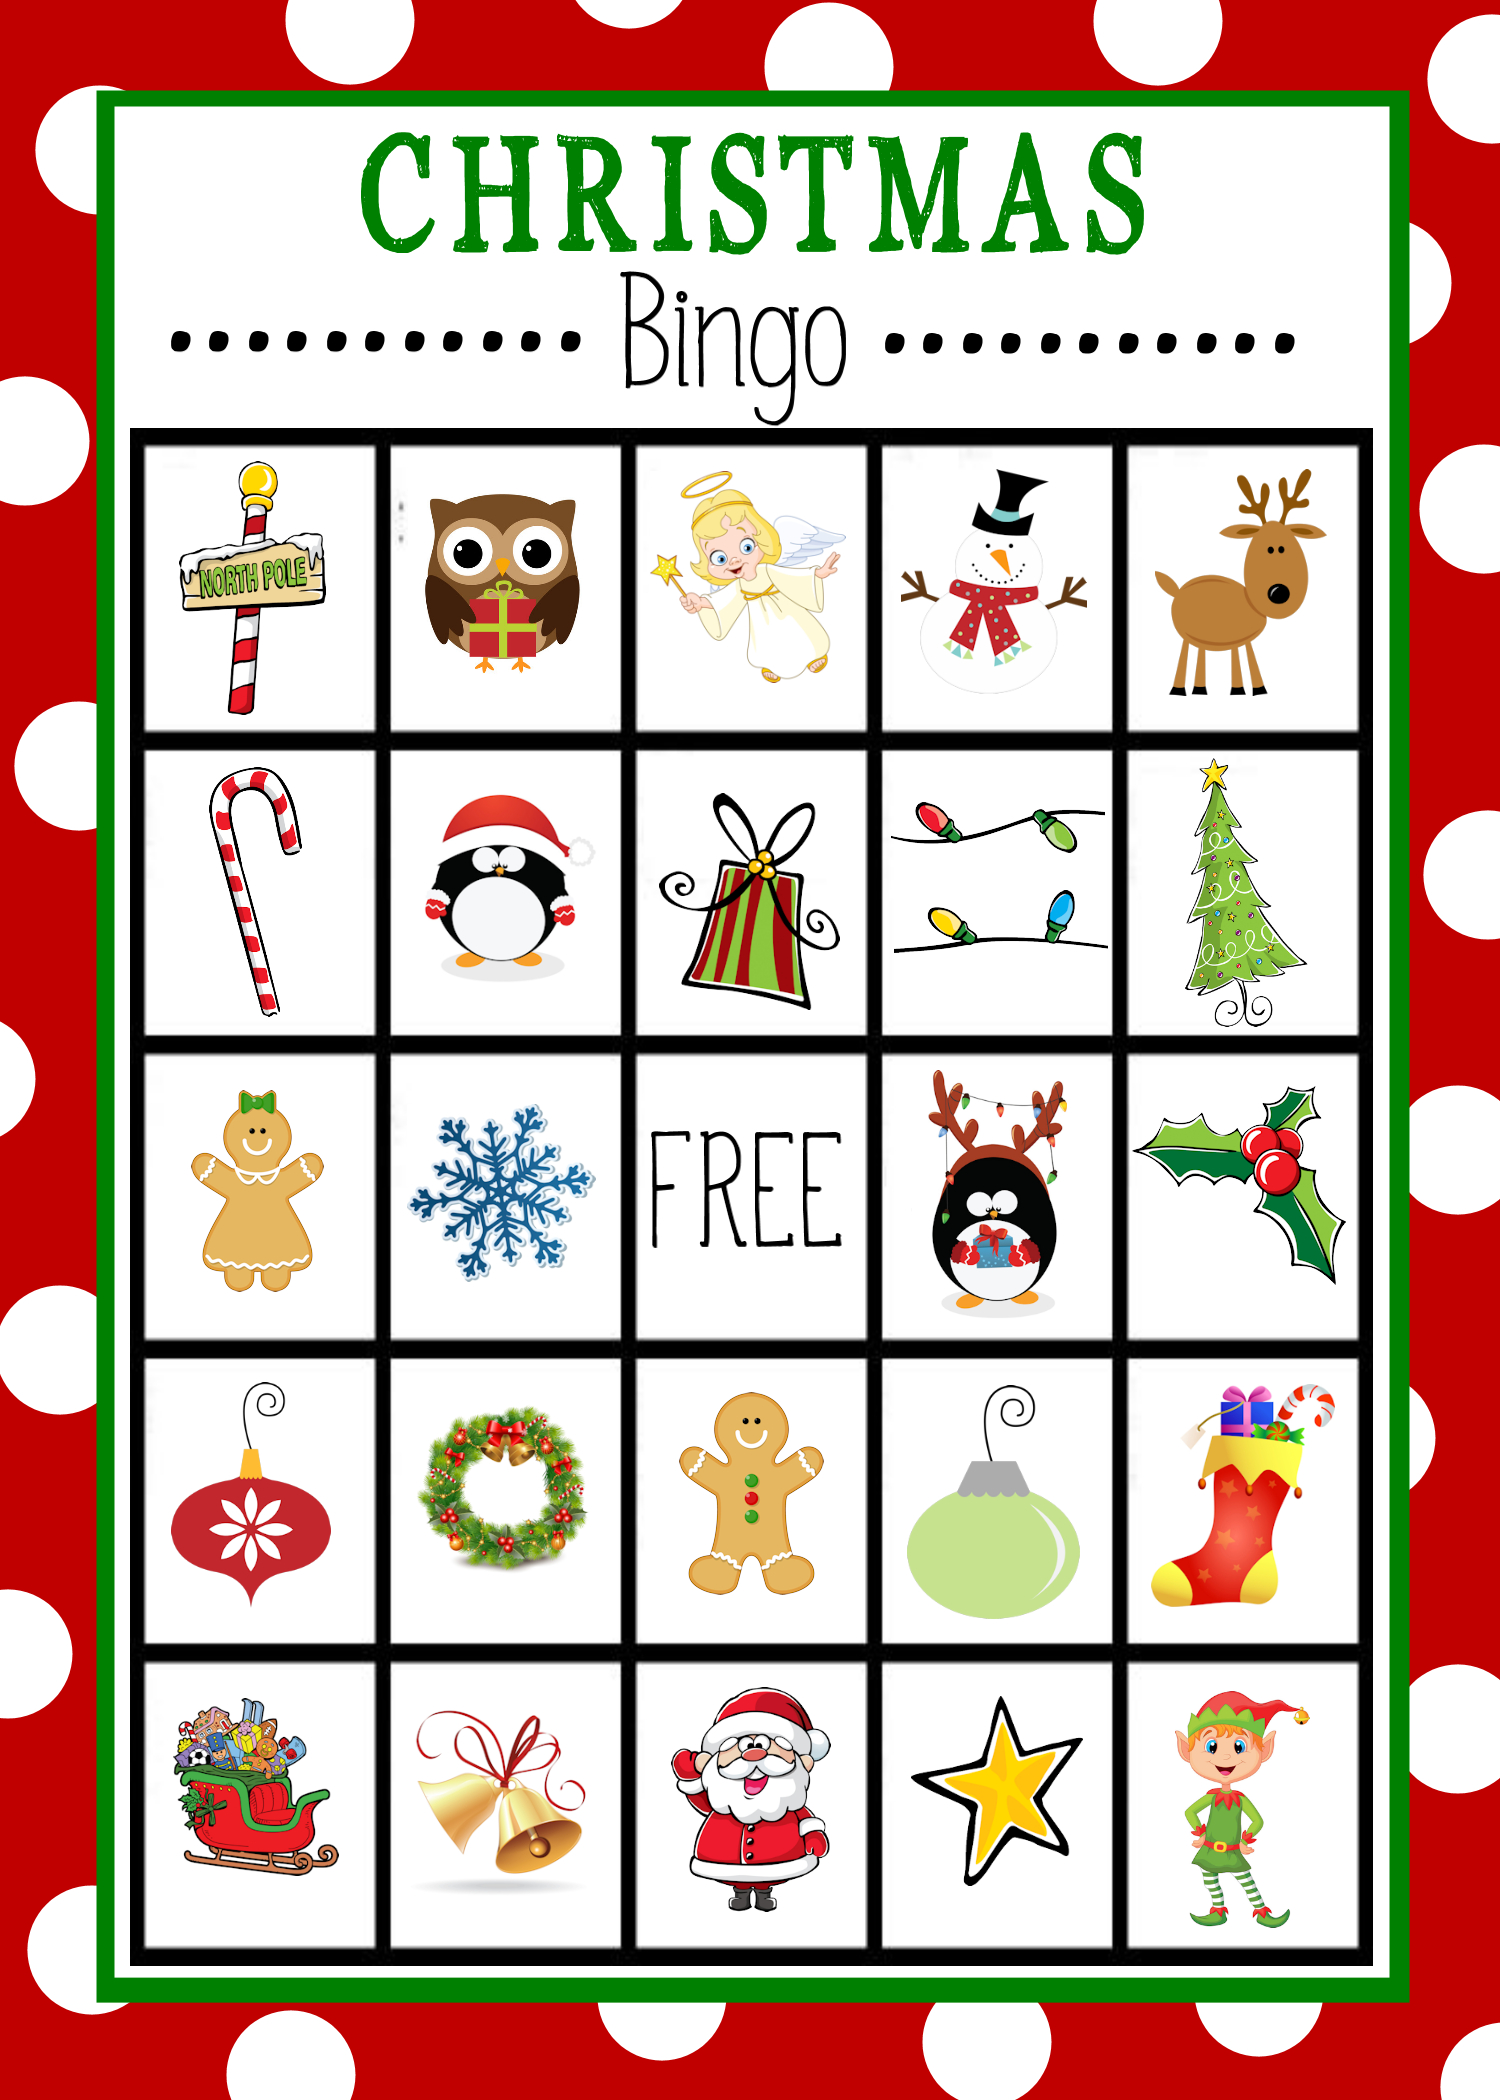 Free Printable Christmas Bingo Game | Christmas | Pinterest - Free Printable Christmas Board Games